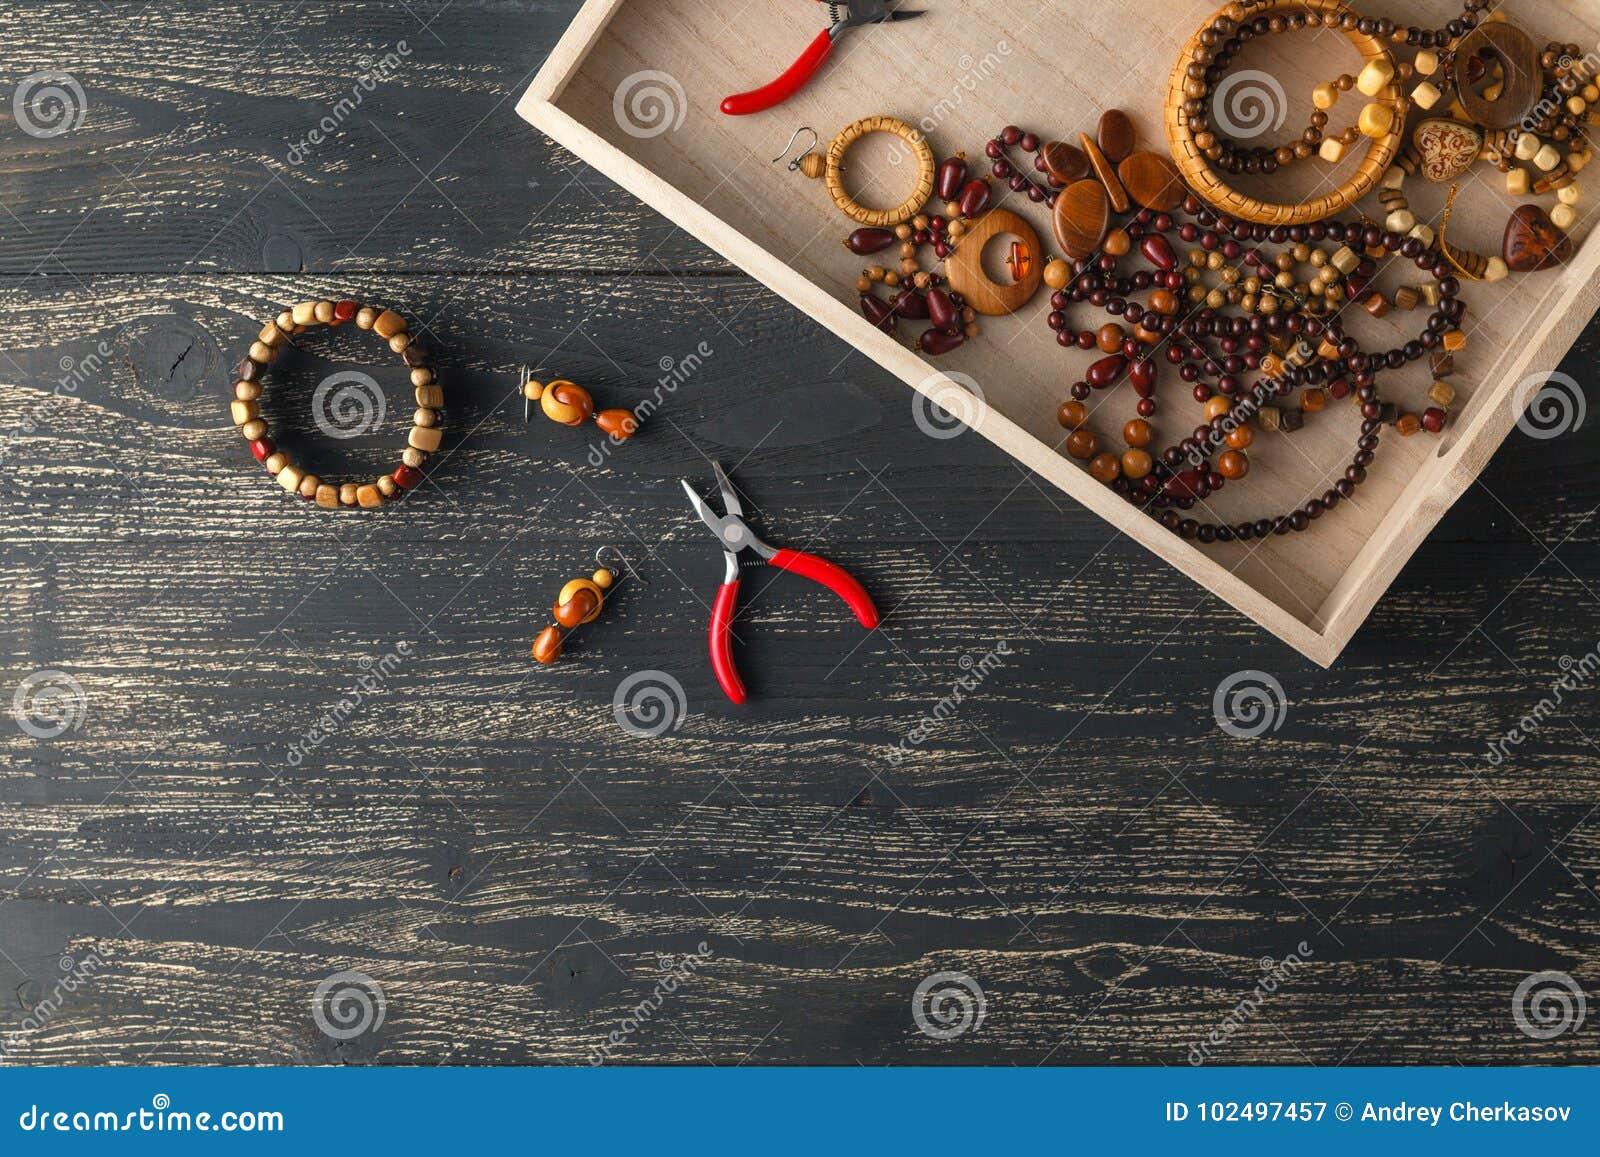 Σχεδιασμός της έννοιας, handcraft χάντρες στον πίνακα για το χόμπι